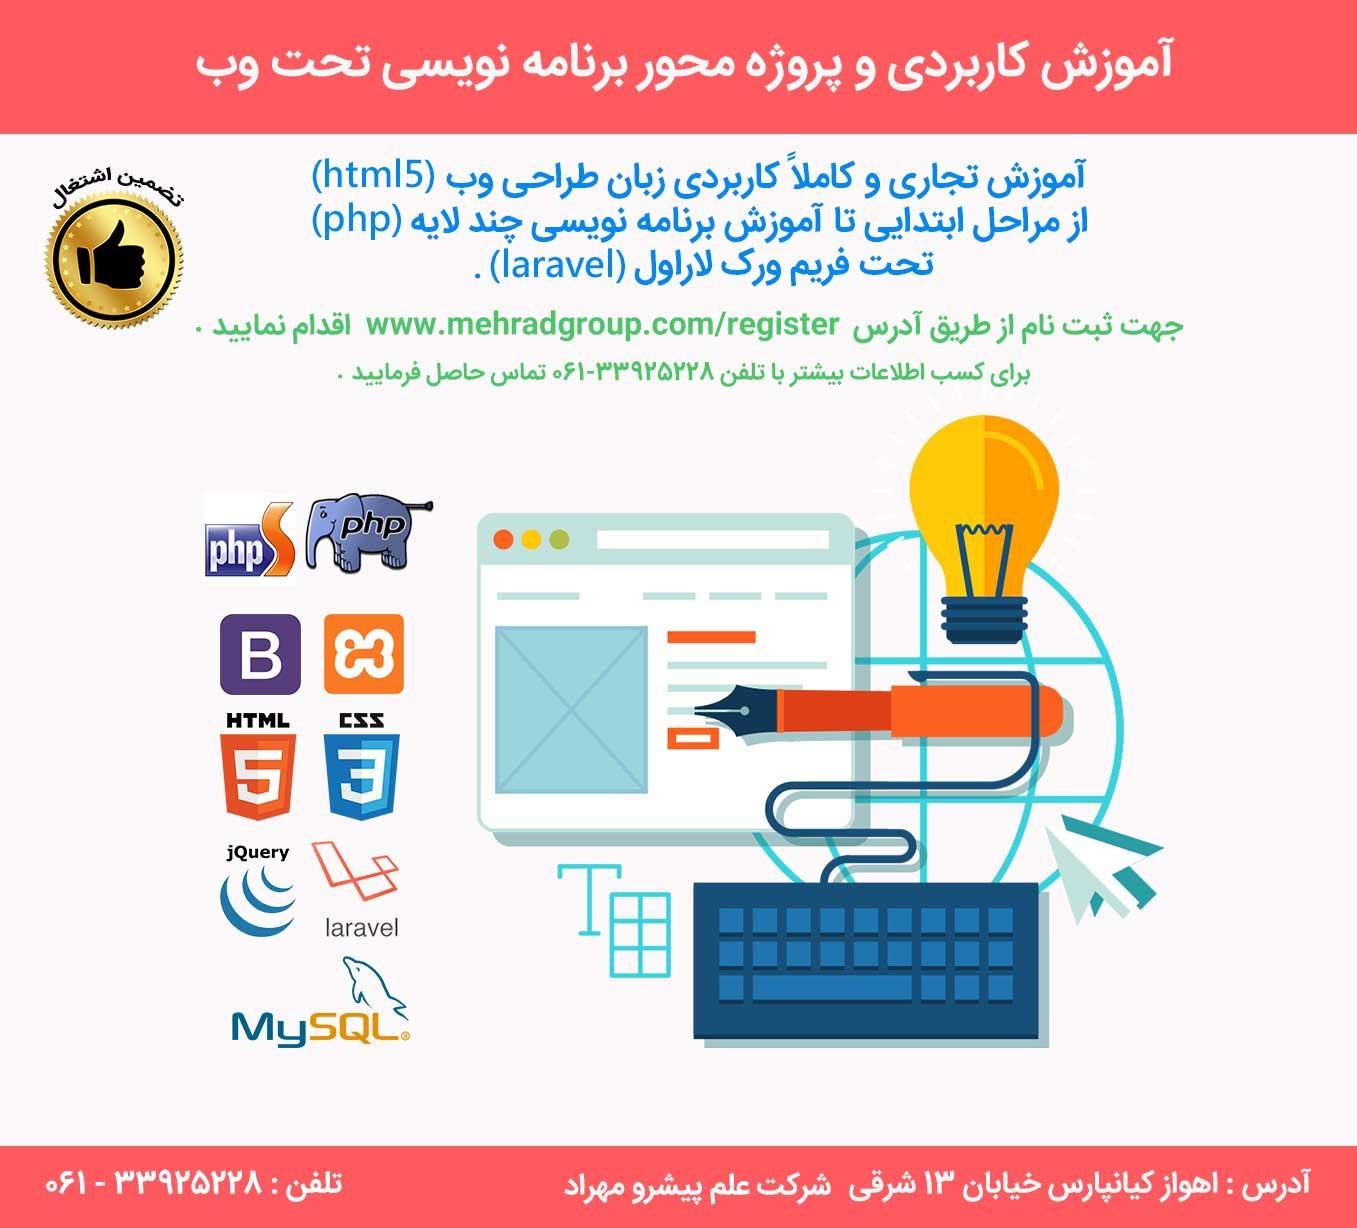 آموزش کاربردی و پروژه محور برنامه نویسی تحت وب با تضمین اشتغال